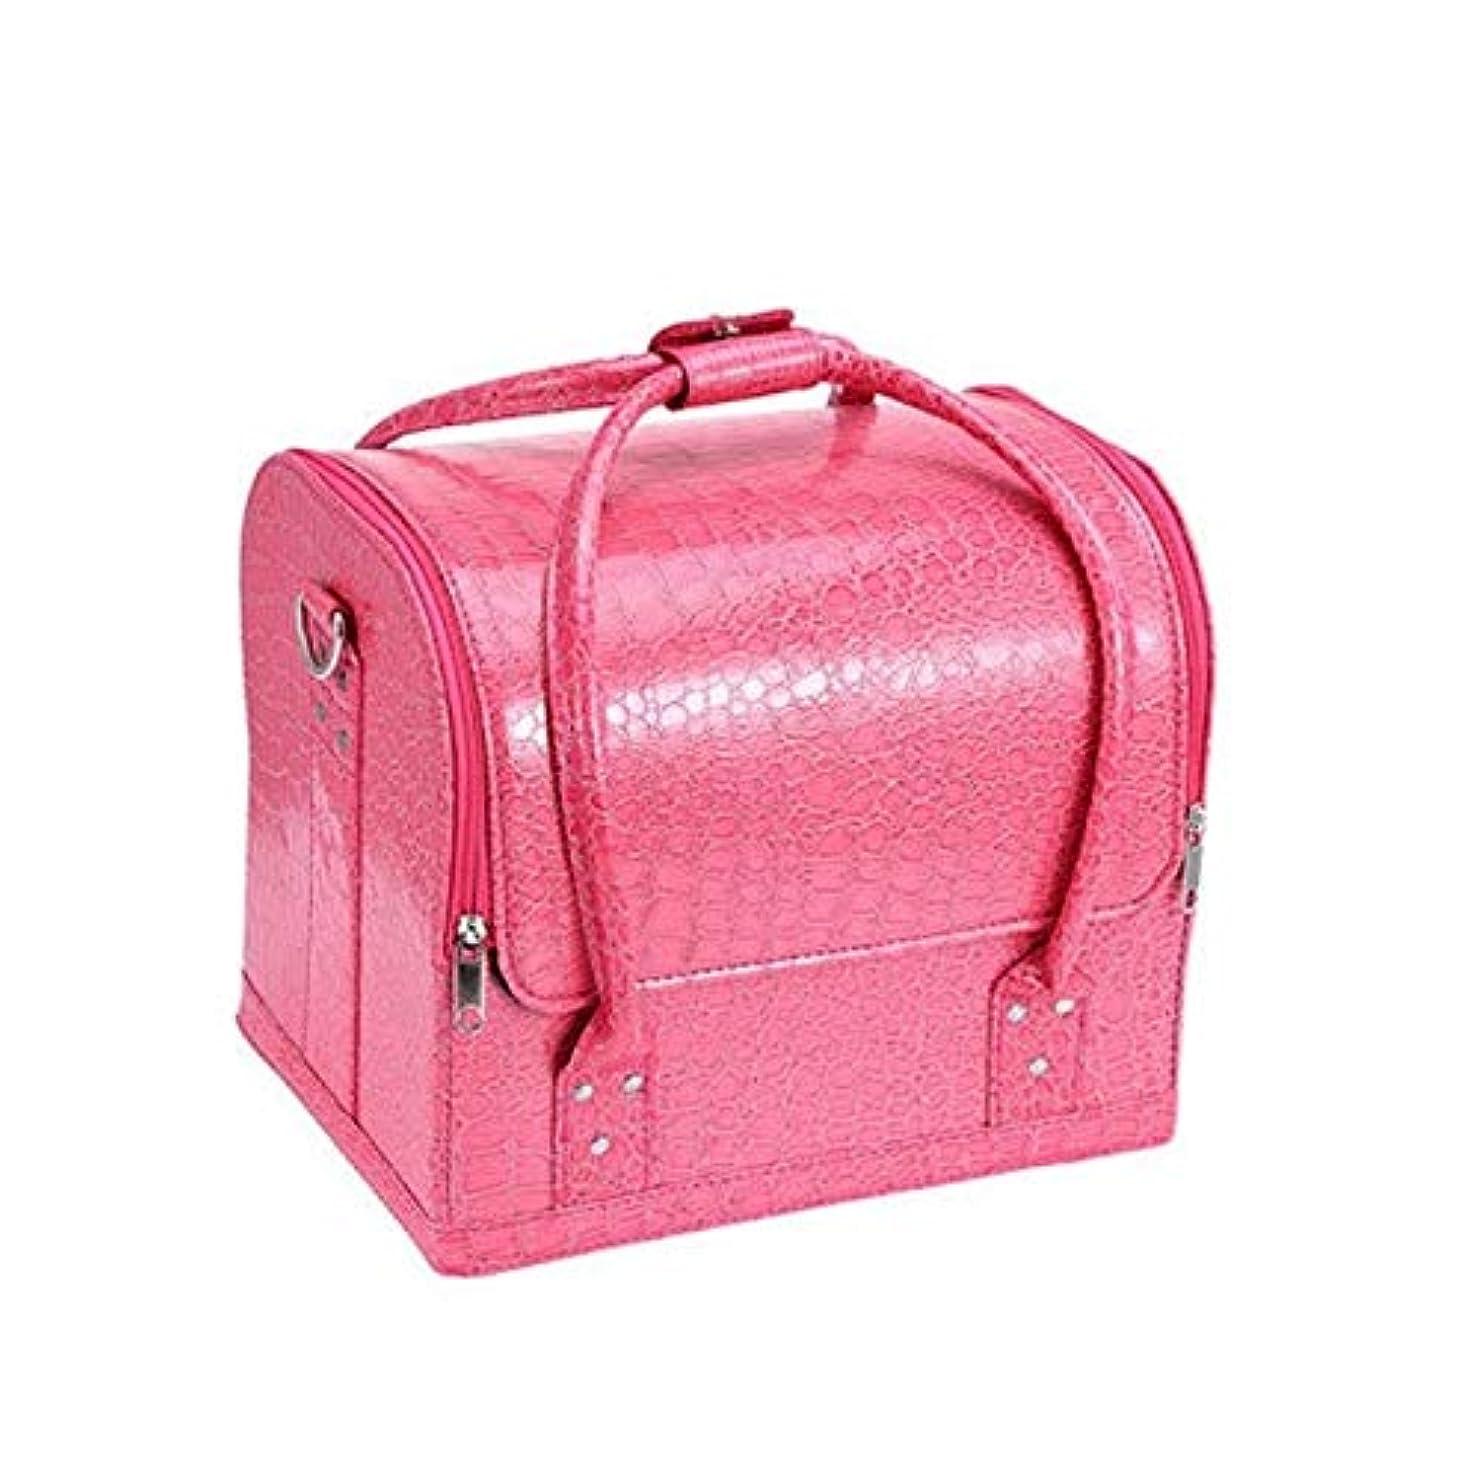 配分についてジャンプする化粧品ケース、ポータブルワニ皮パターン化粧品袋、多層ダブルオープンポータブル化粧品ケース、ポータブル旅行多機能化粧品ケース、美容ネイルジュエリー収納ボックス (Color : ピンク)